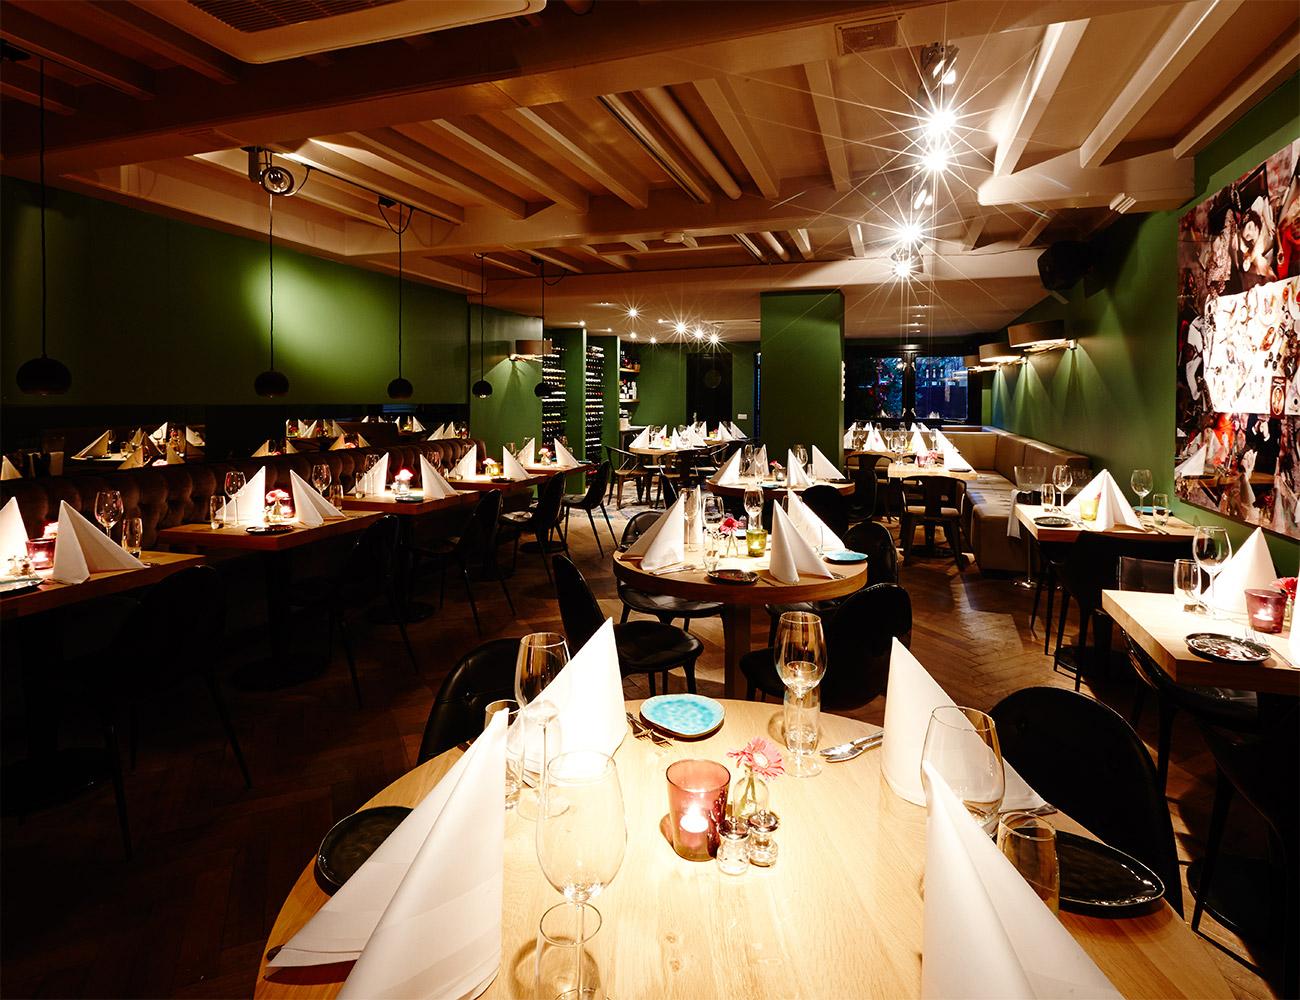 Restaurant LUX